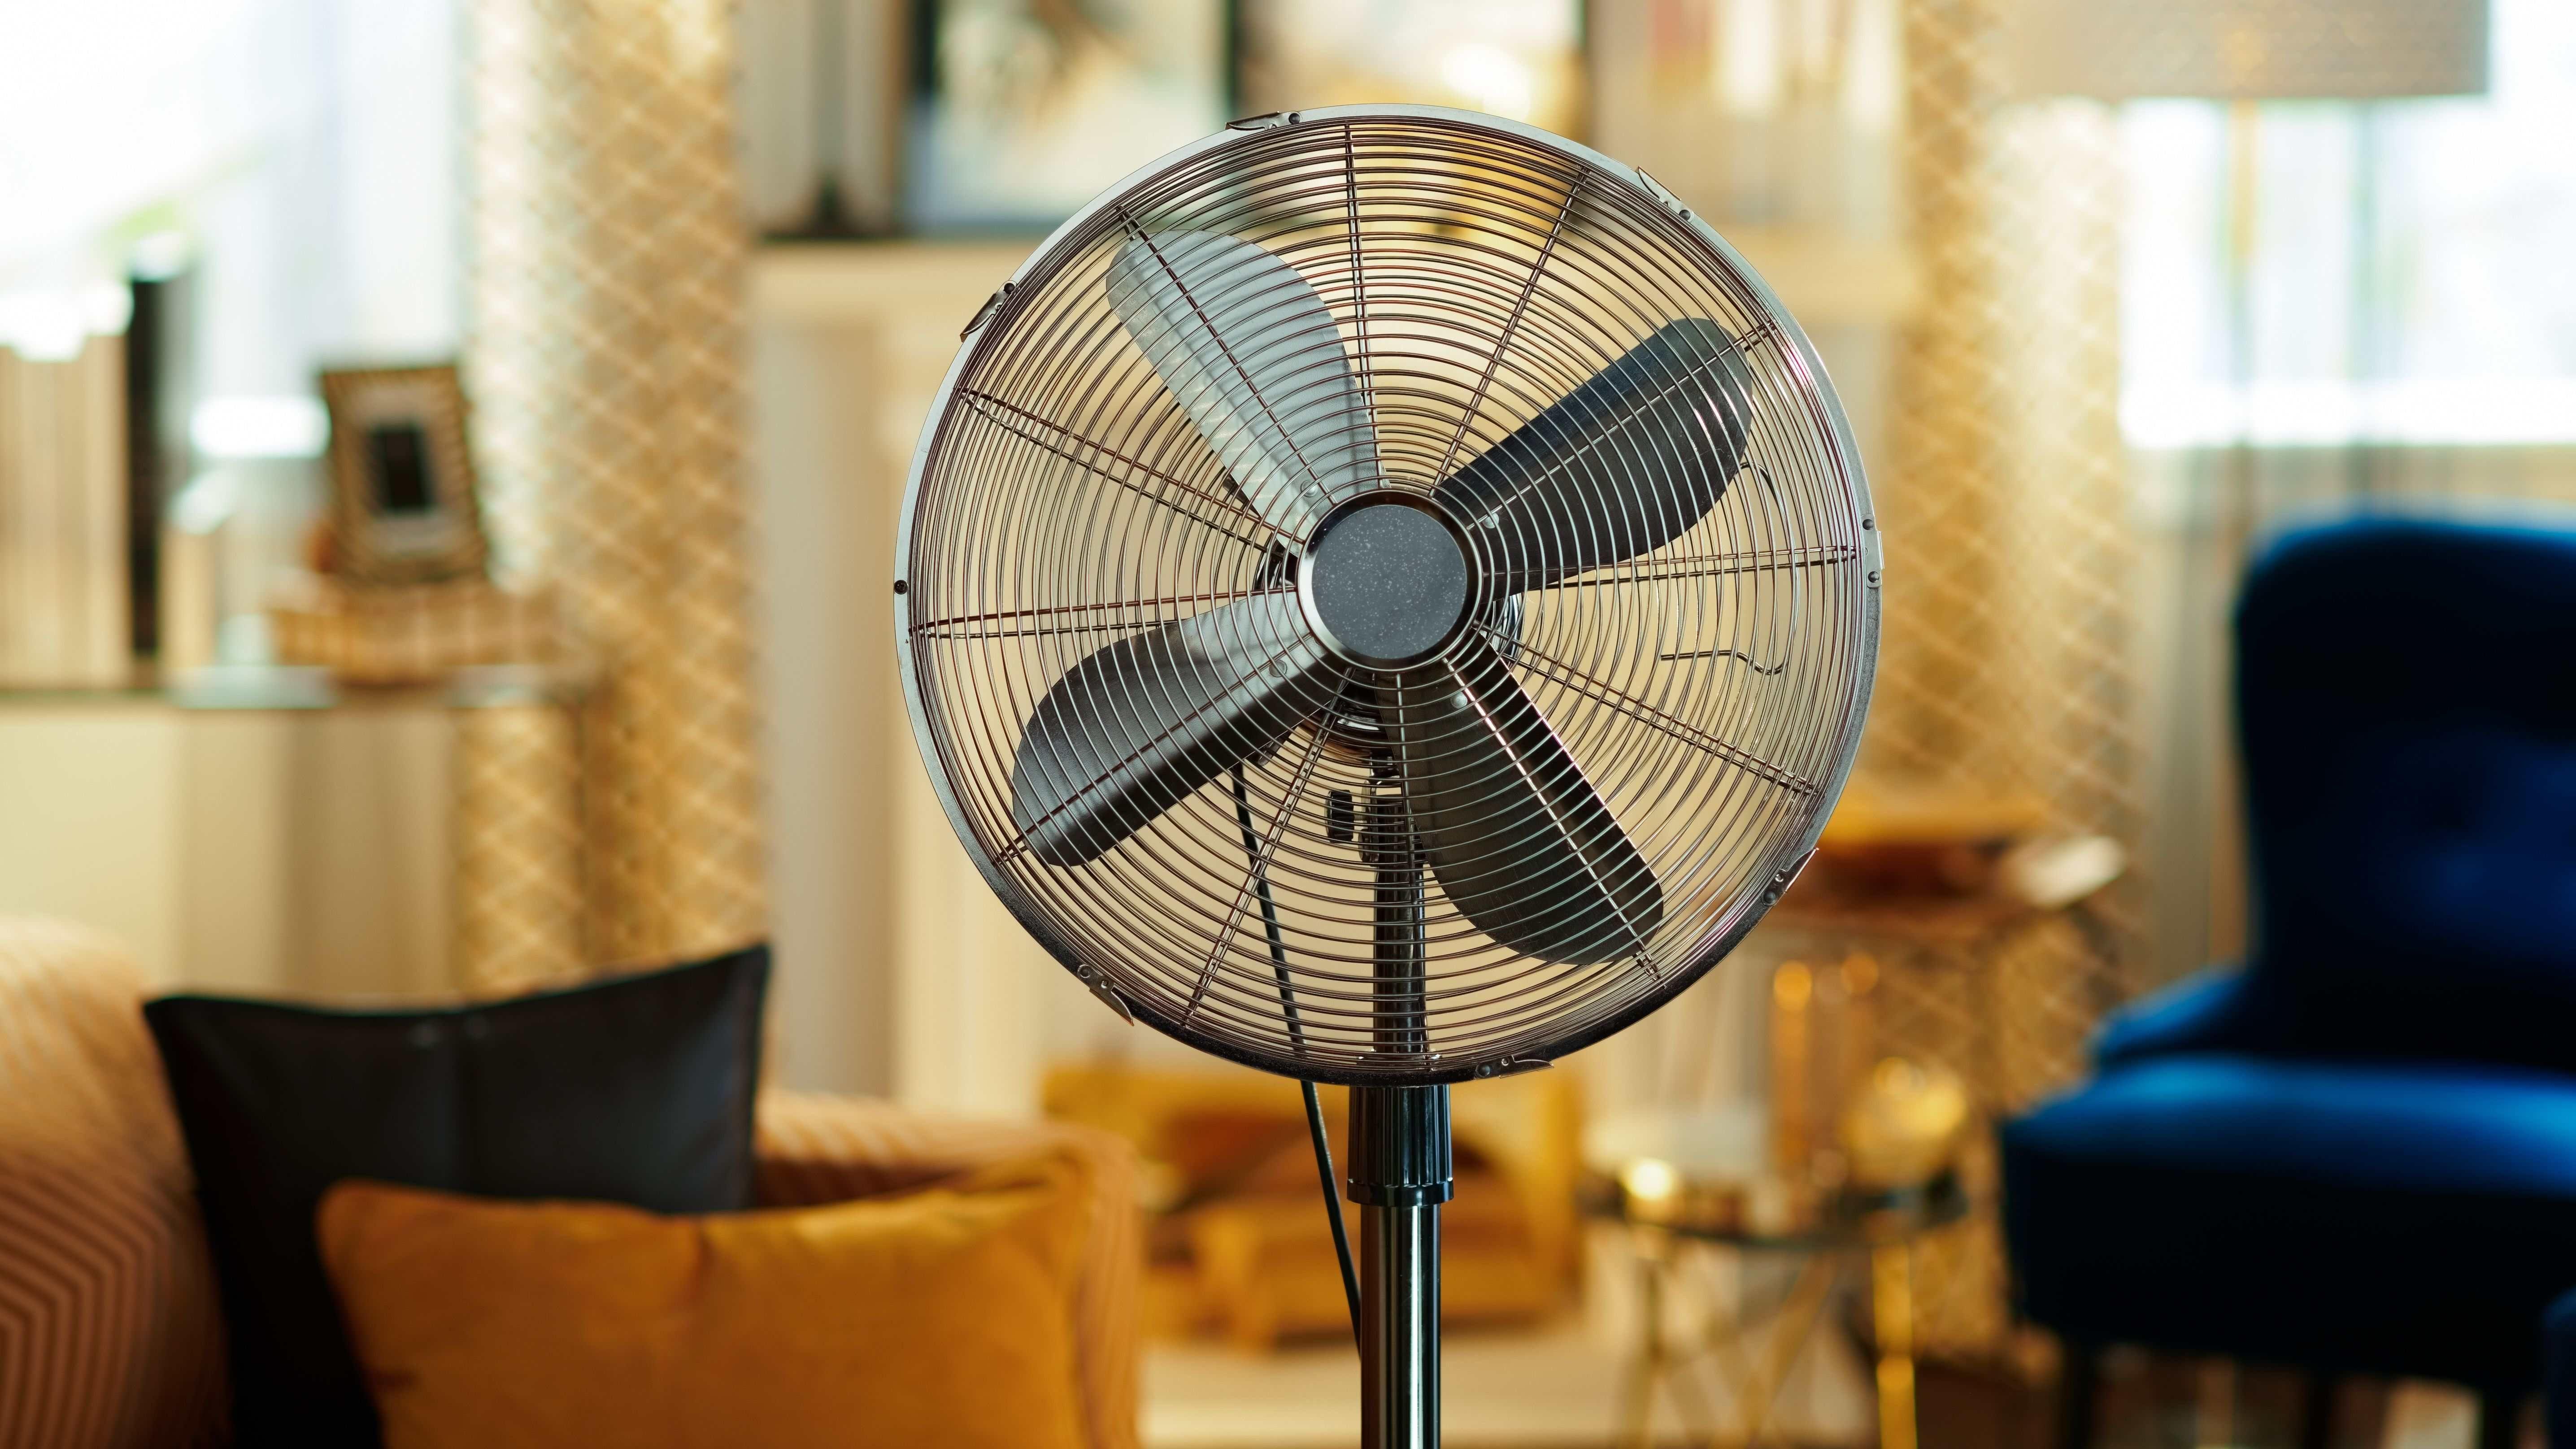 Ventilatore o condizionatore: meglio il vento o il refrigerio?